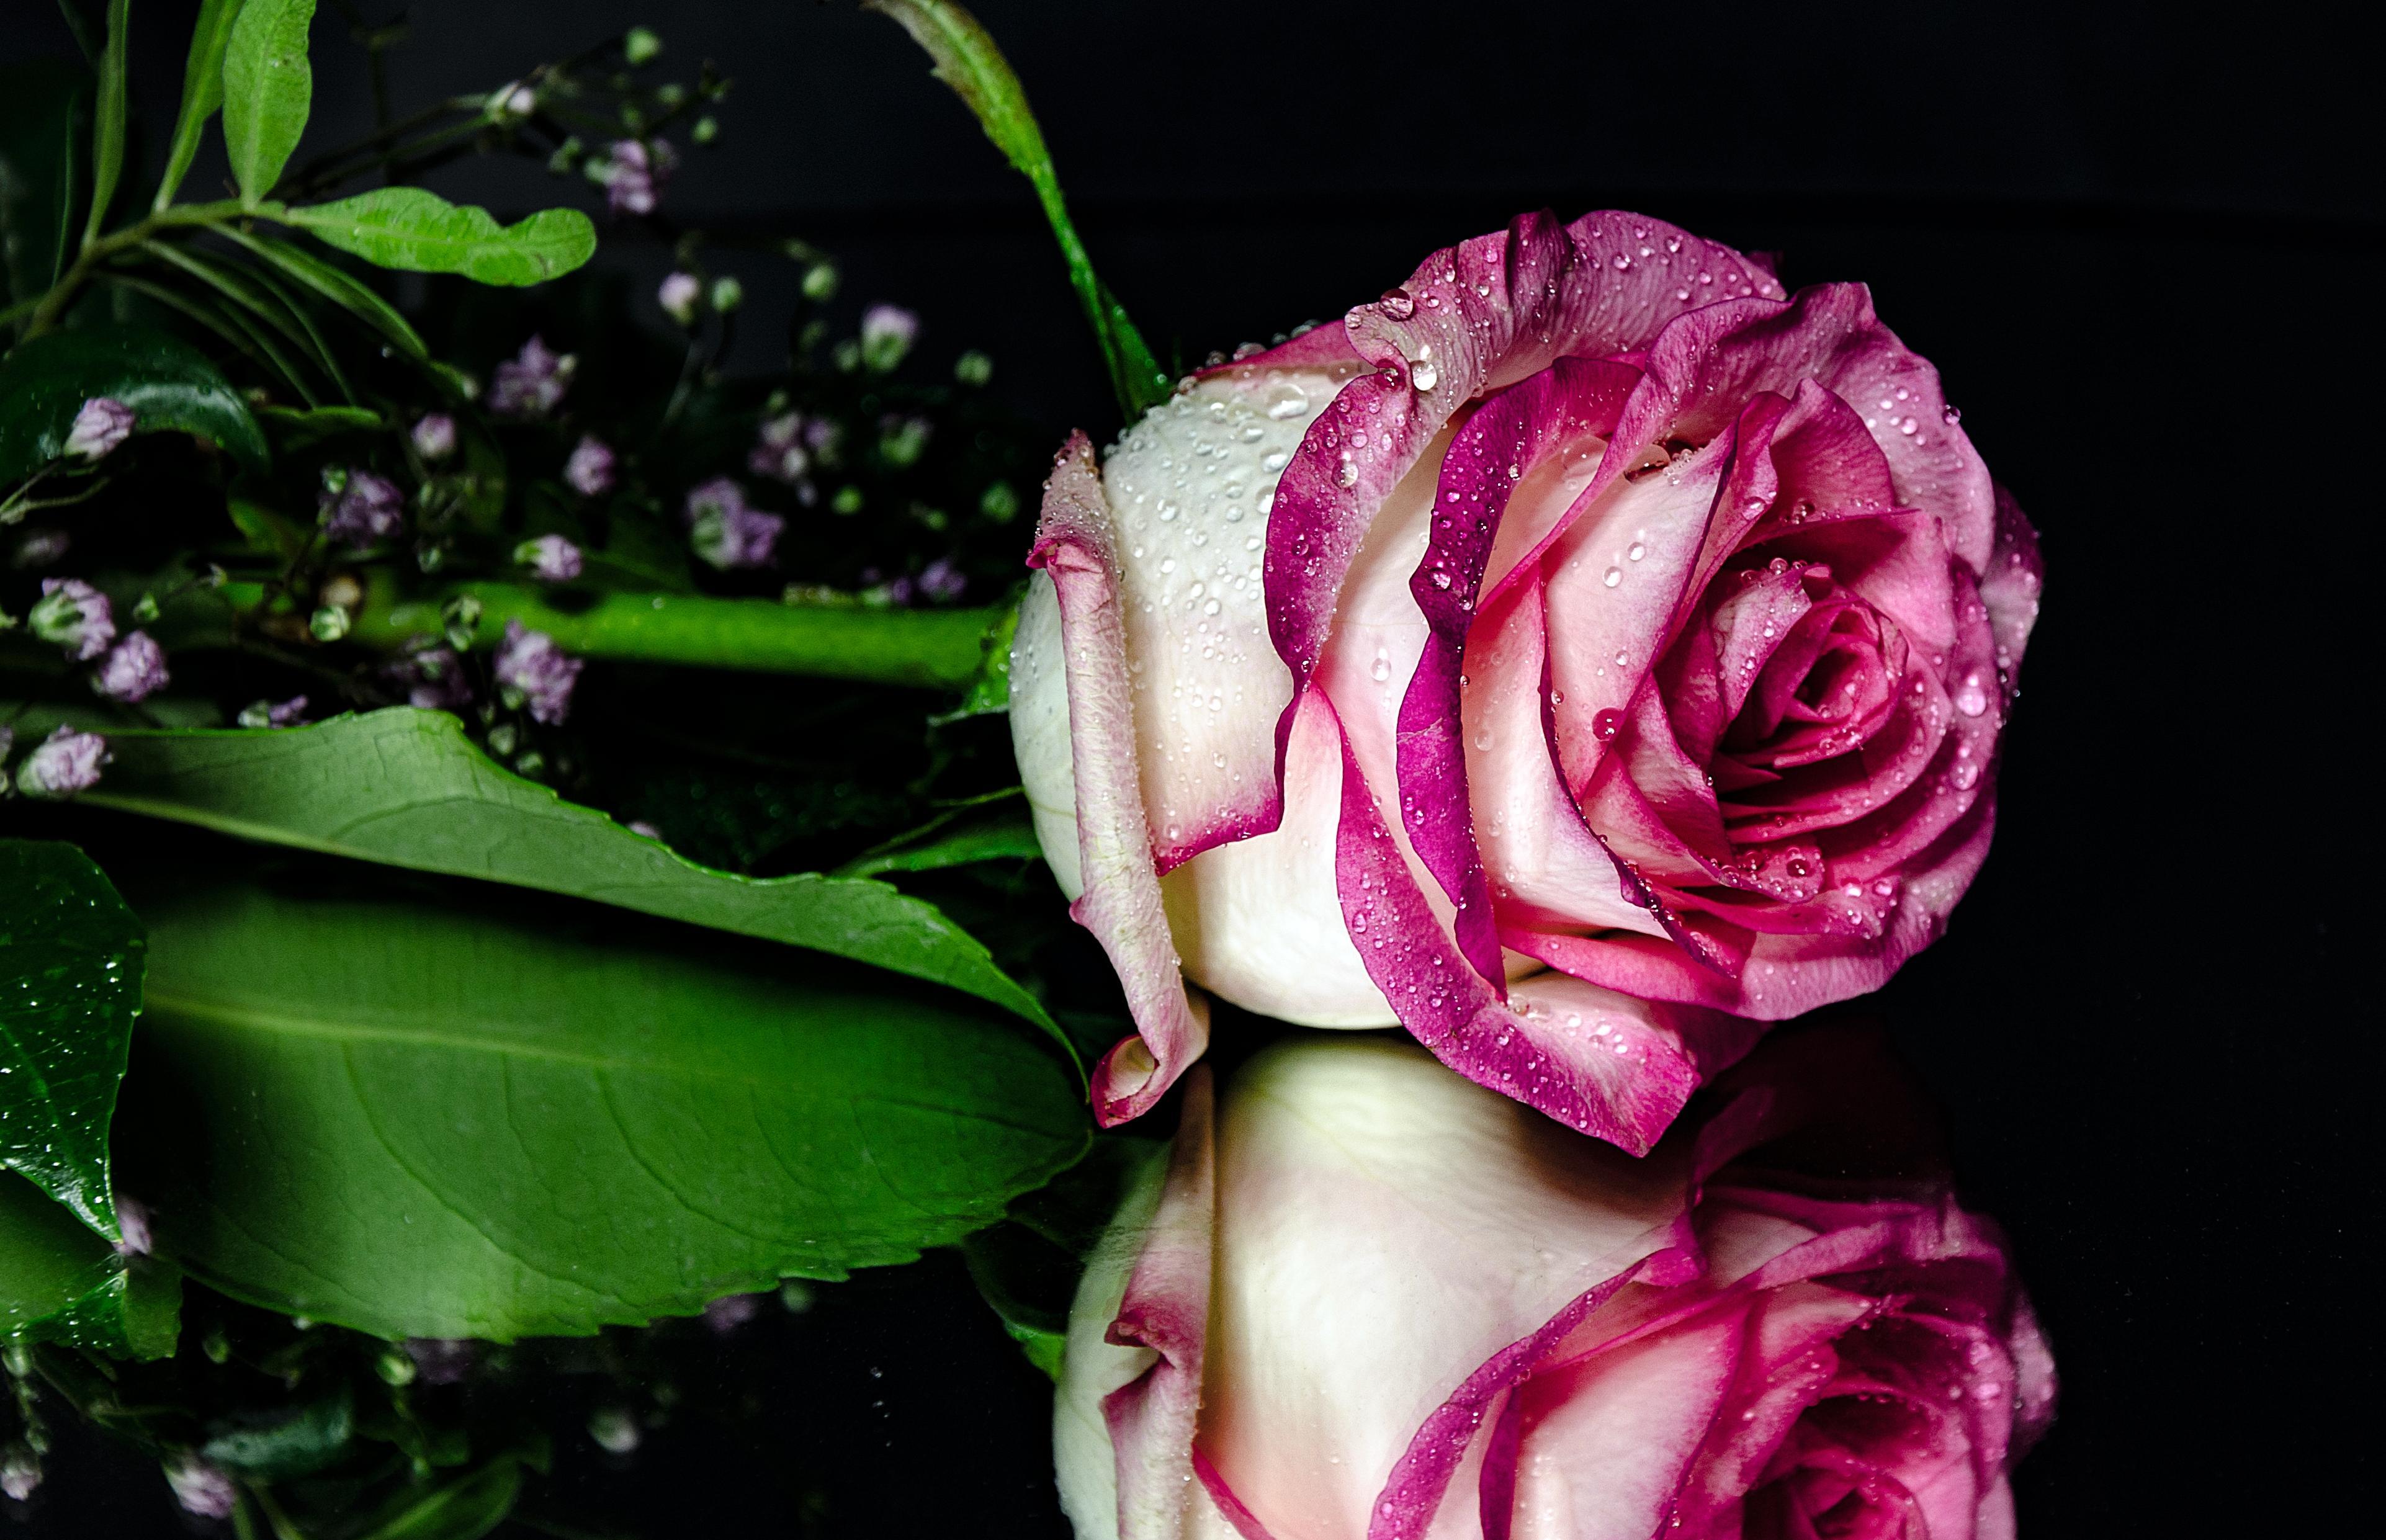 Обои На Телефон Розы Скачать Бесплатно